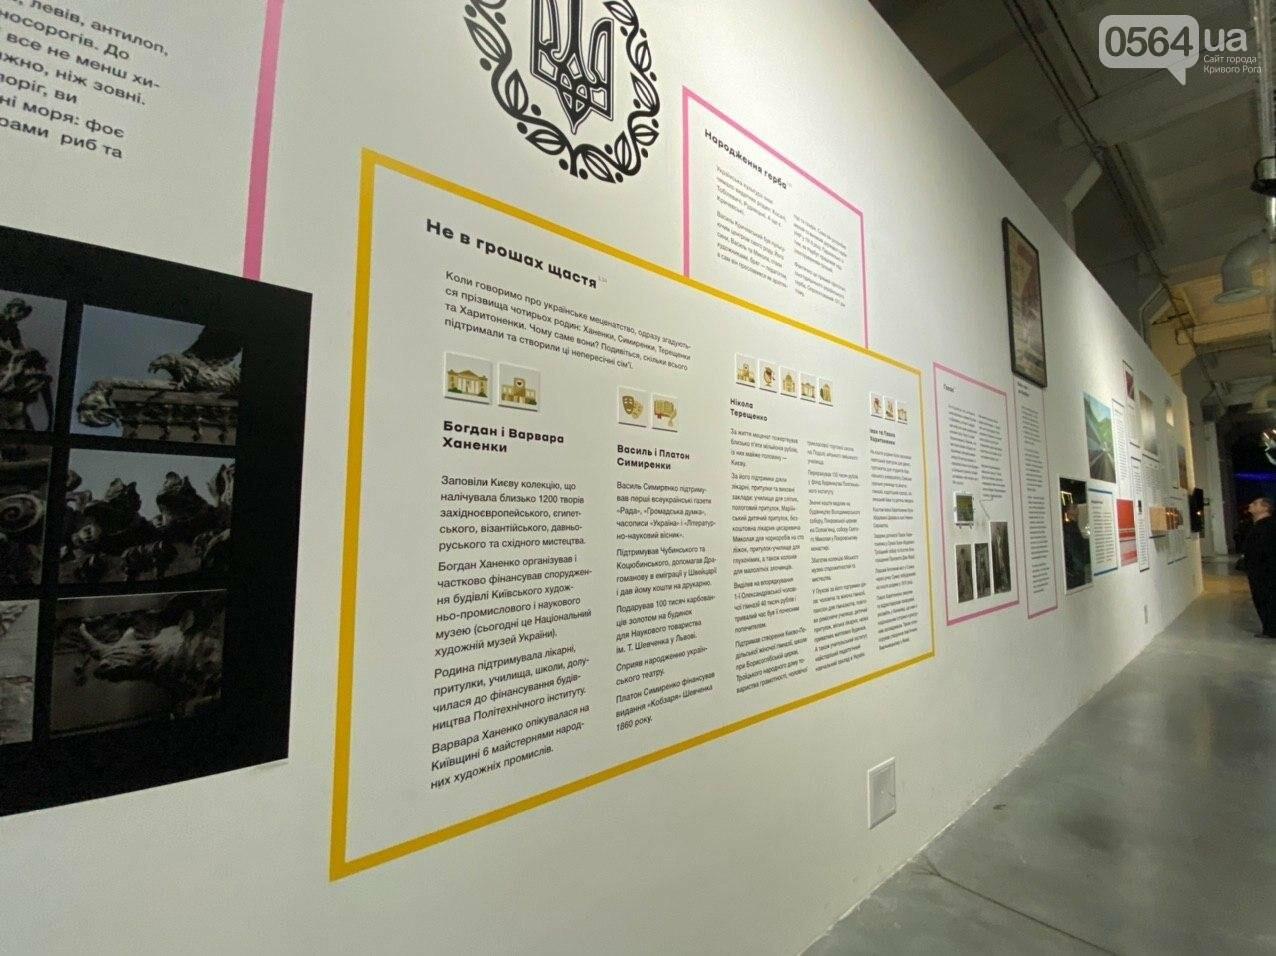 Ukraine WOW: что можно было узнать о Кривом Роге на интерактивной выставке, - ФОТО , фото-45